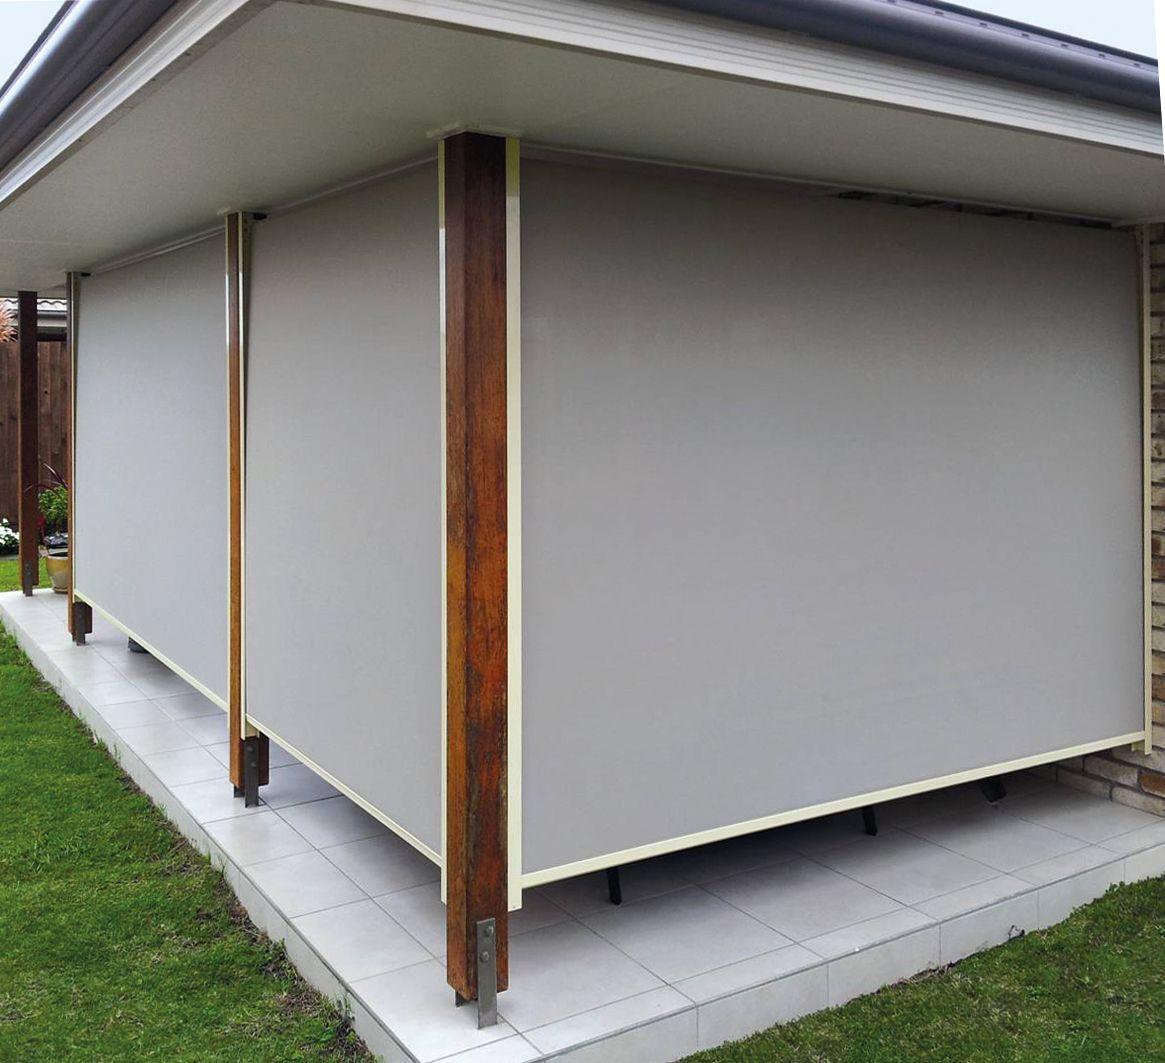 Startling Ideas Roller Blinds Bedroom Sheer Blinds Diy Outdoor Blinds Canvas Bamboo Blinds Office Shut Outdoor Blinds Sliding Door Blinds Curtains With Blinds